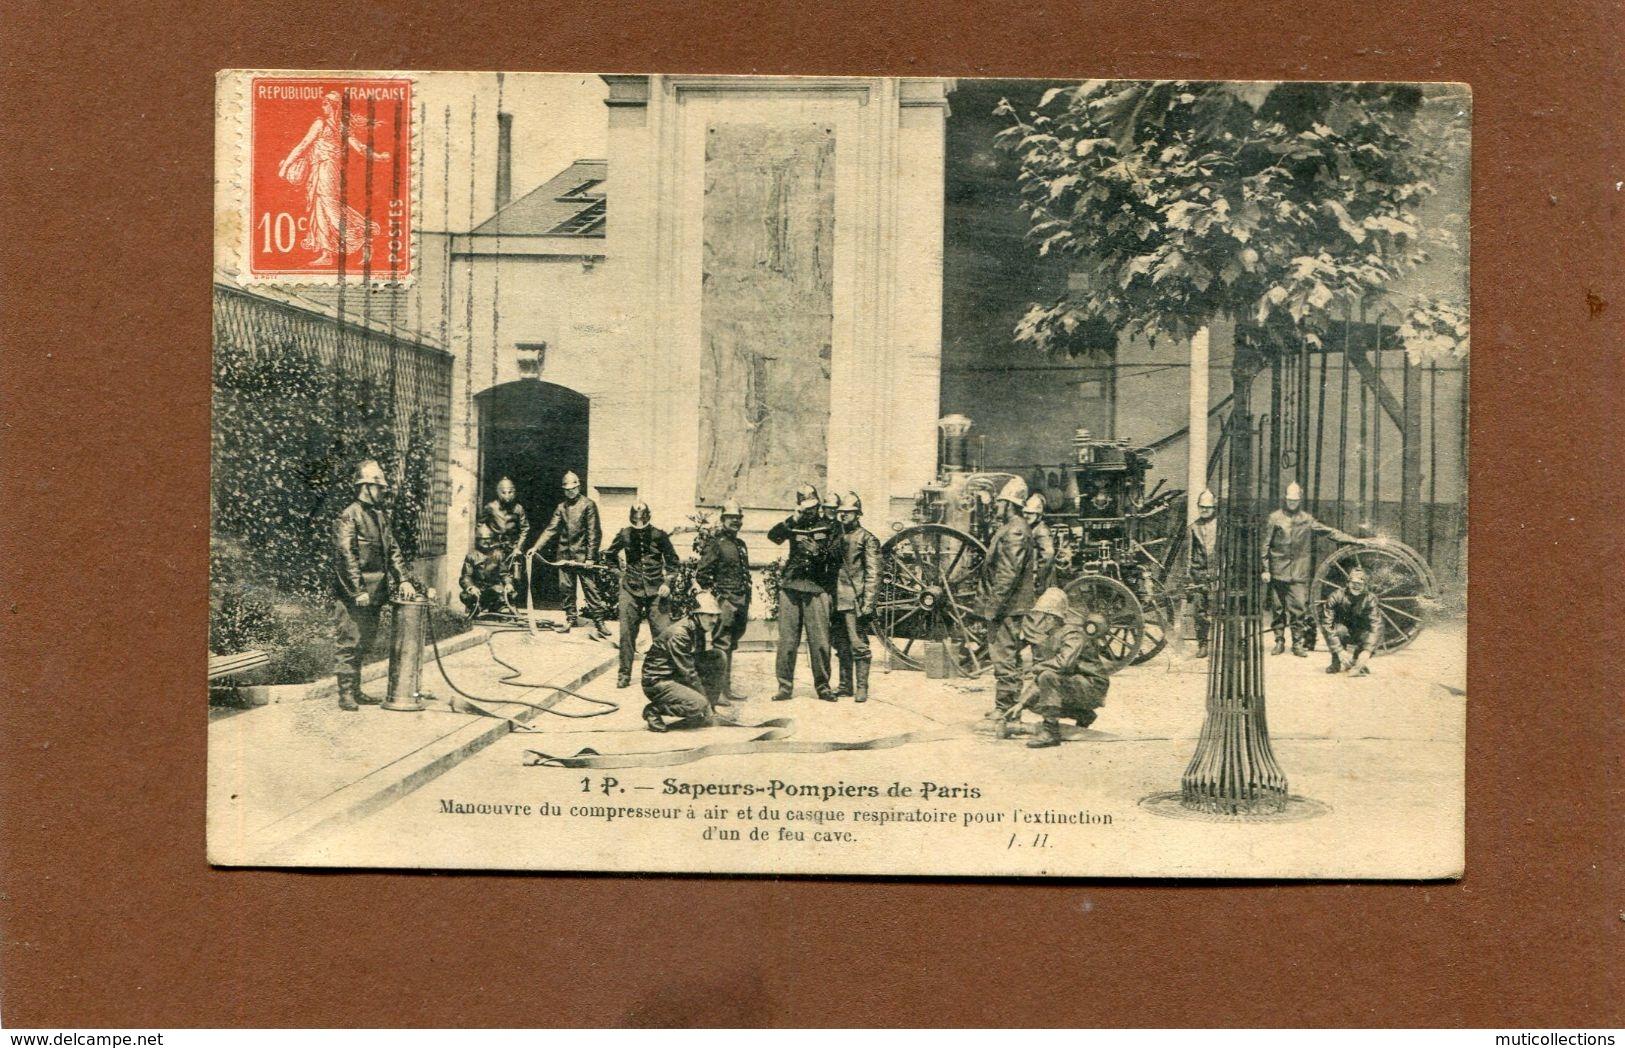 PARIS  1910  METIER SAPEURS POMPIER /  MANOEUVRE DU COMPRESSEUR ET MASQUE RESPIRATOIRE  EDITEUR JH - Artisanry In Paris